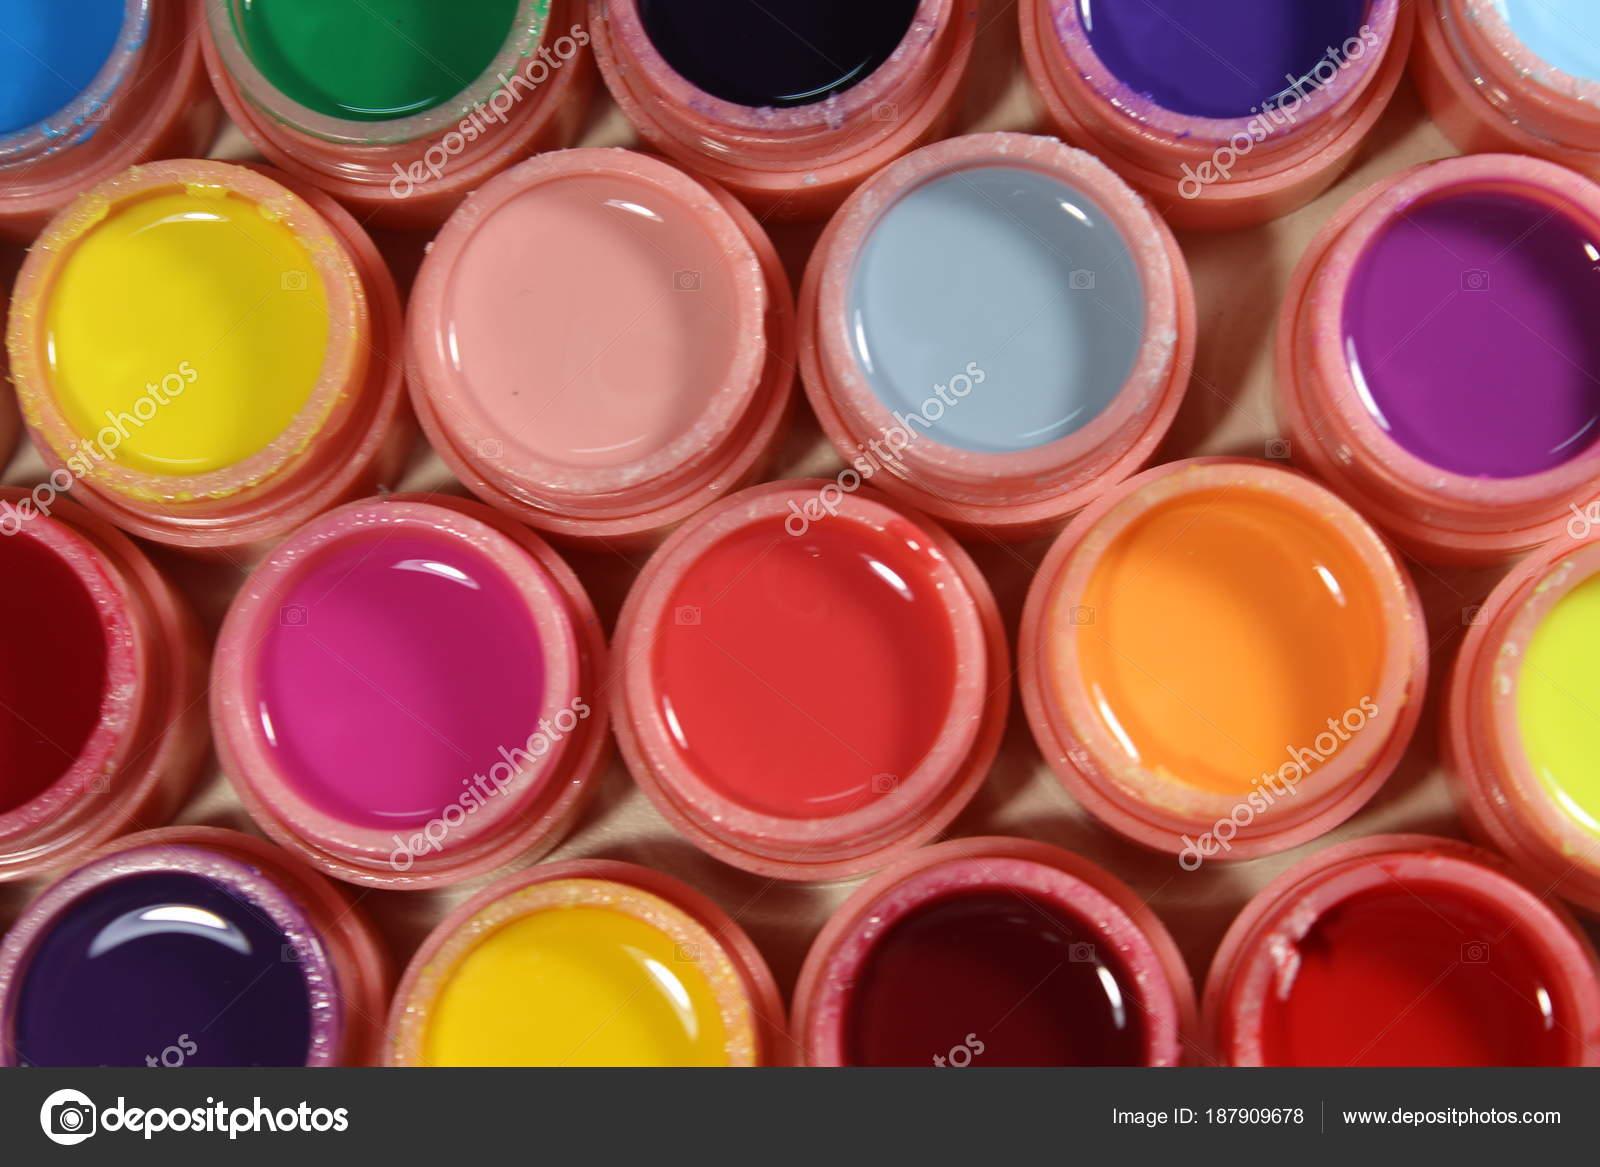 Kleur Veel Kleur : Felle kleuren voor nagels veel kleuren u stockfoto smirmaxstock